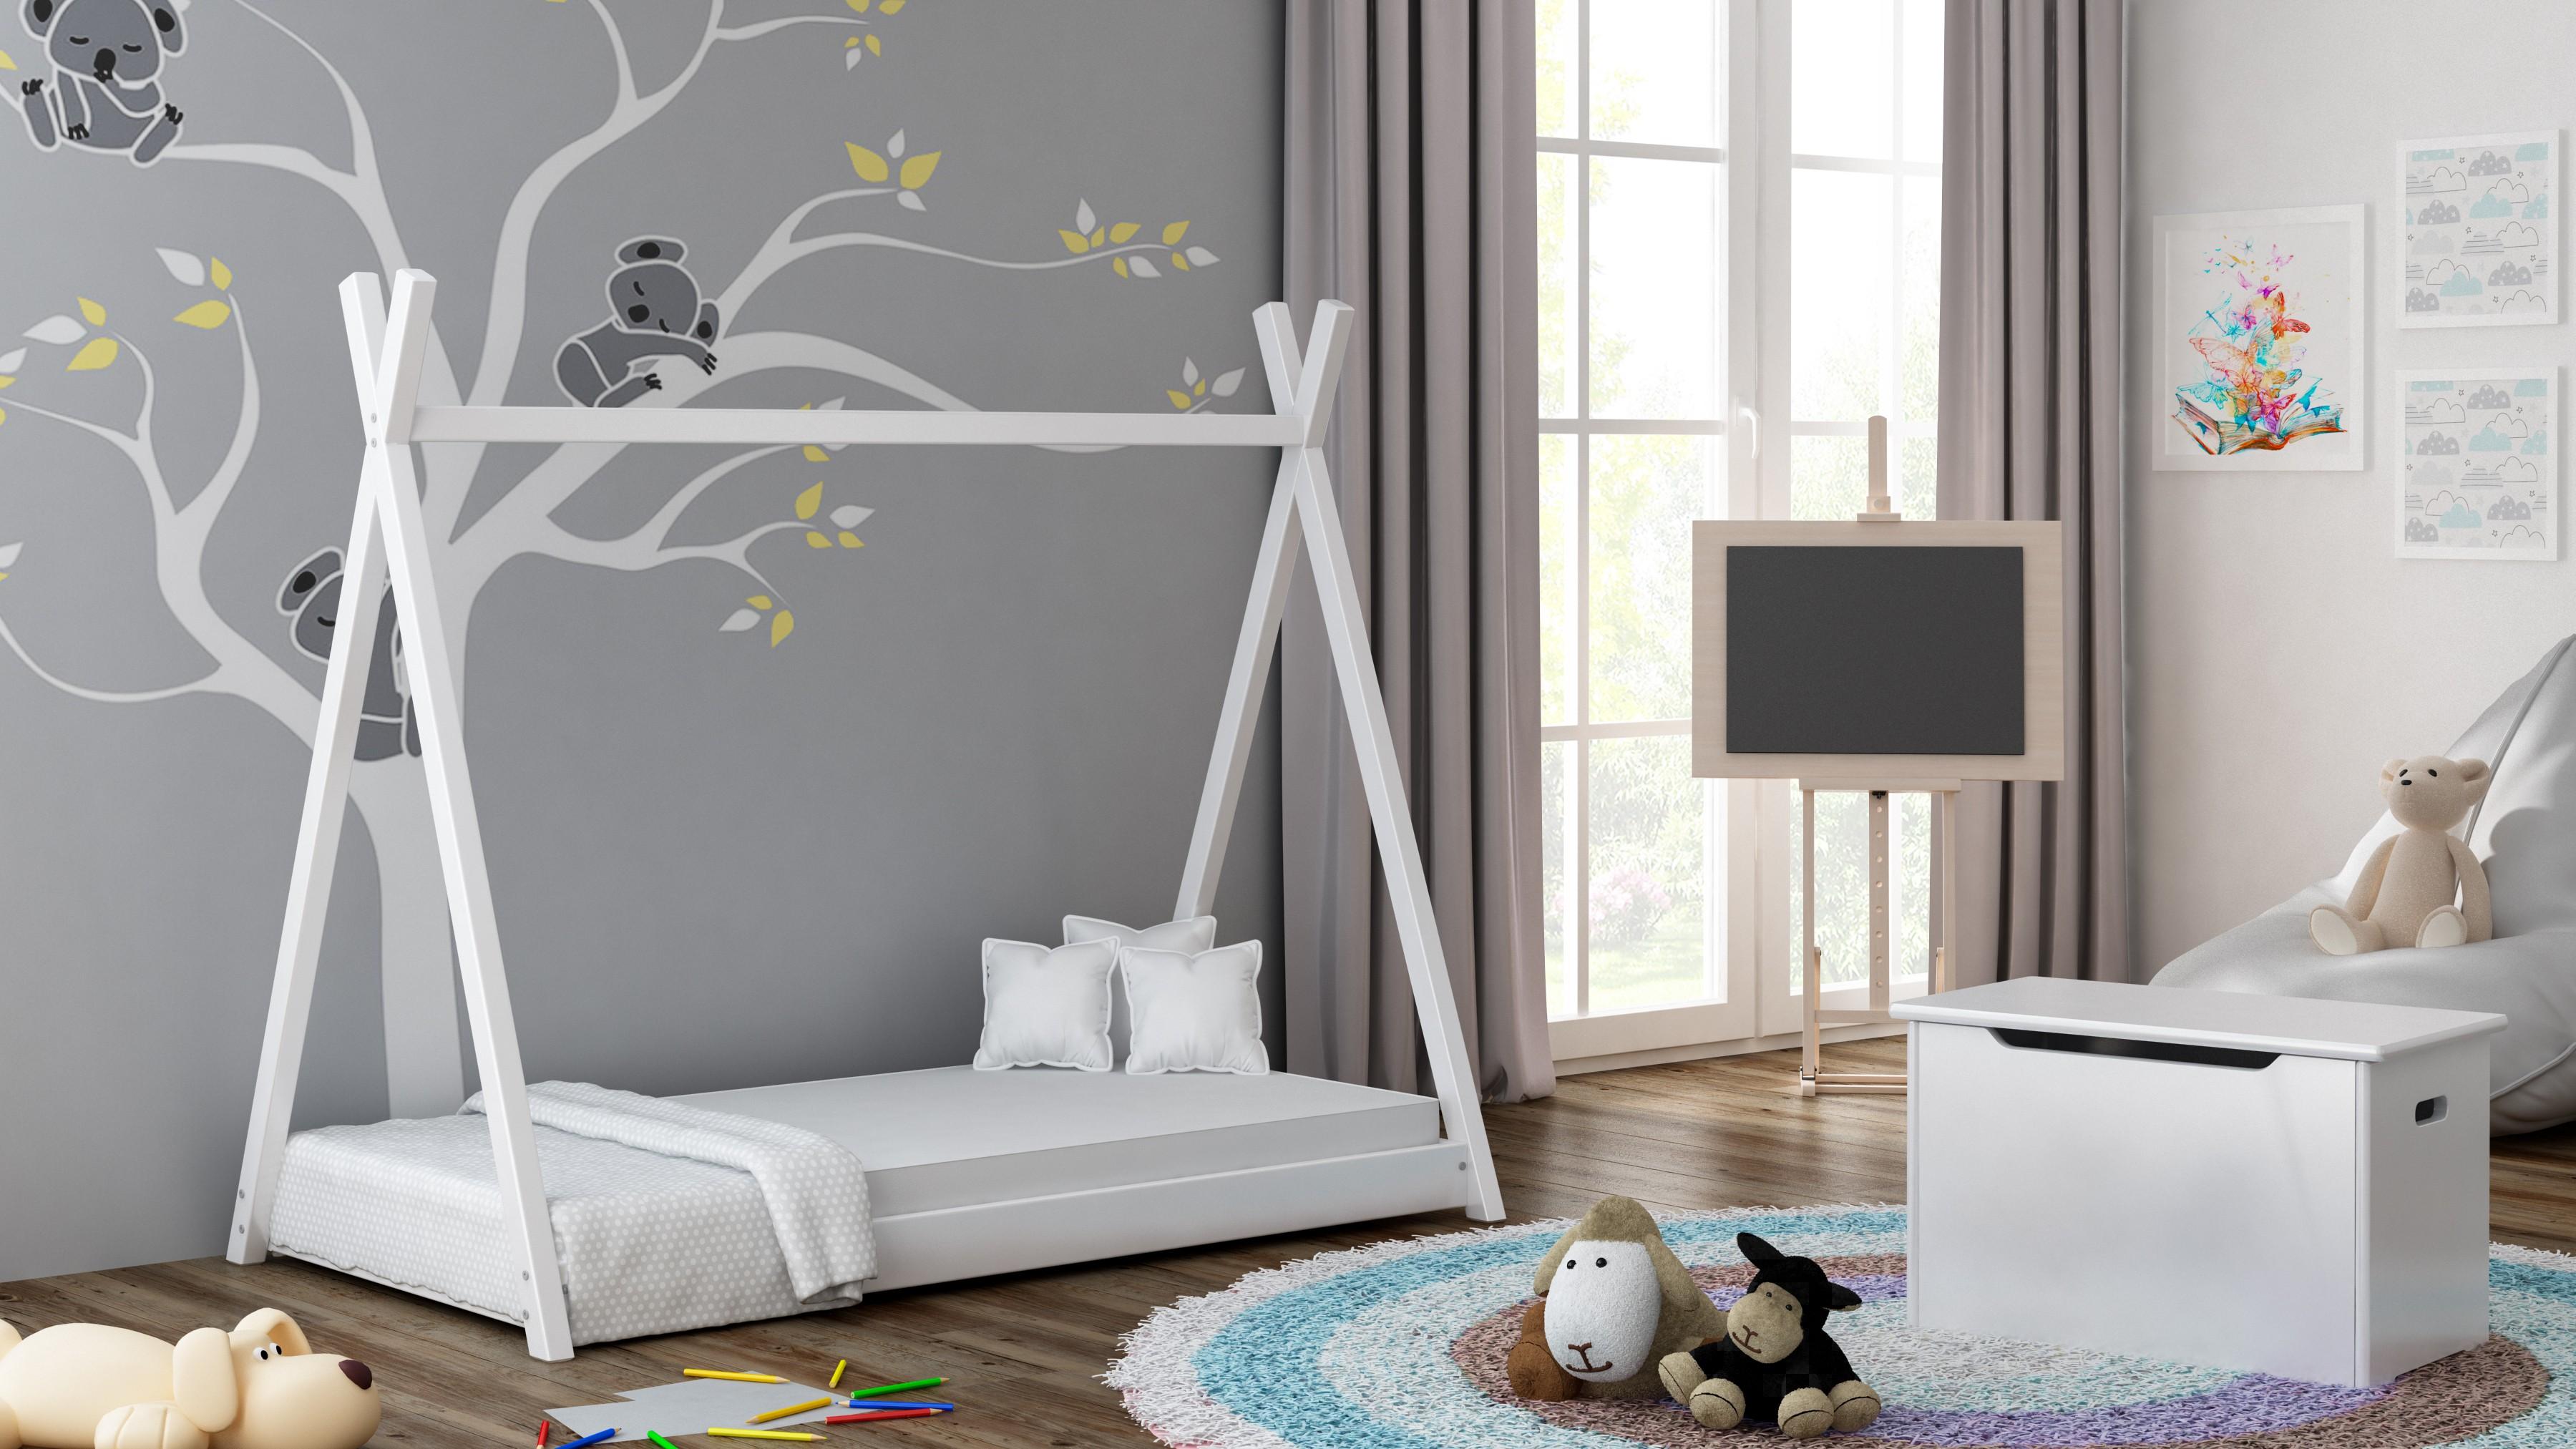 Yksi katosvuode - Titus Tepee Style White